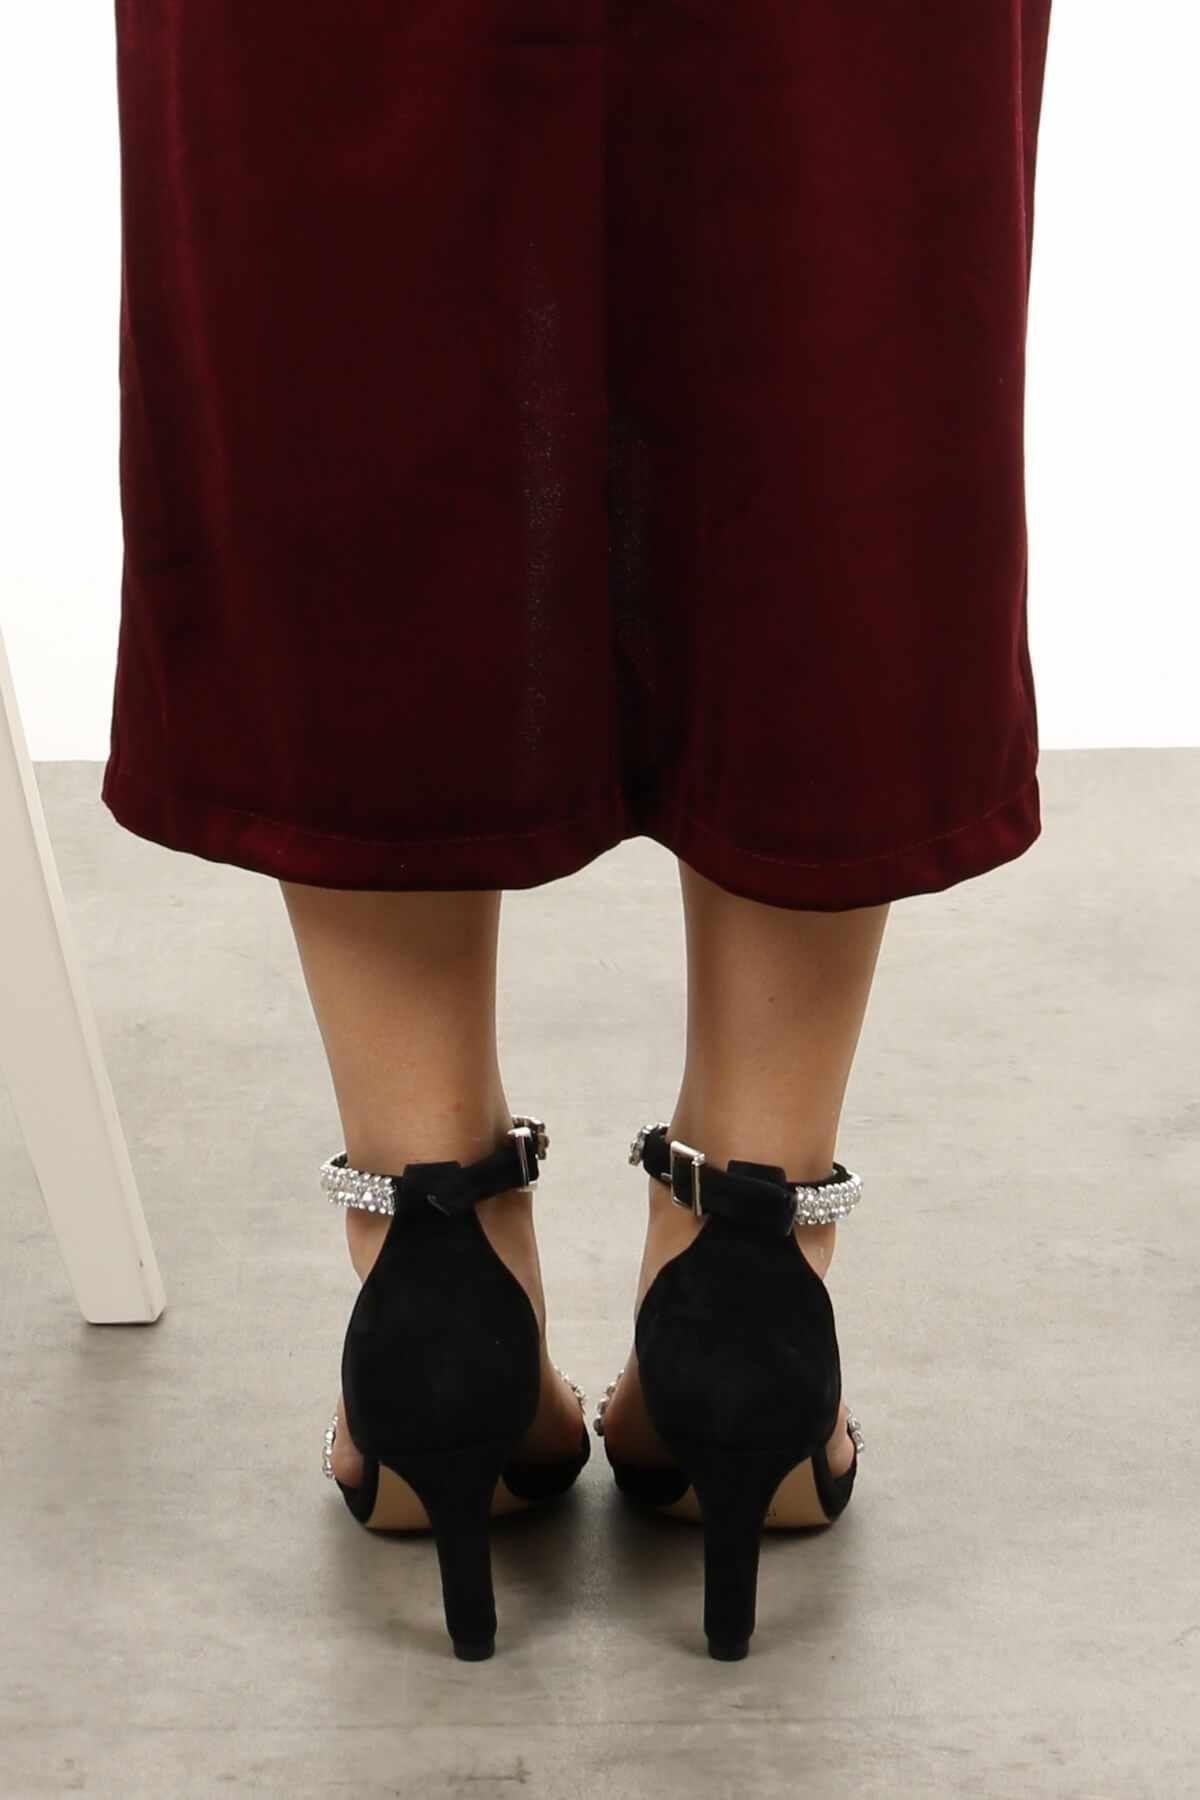 Bao Da Chính Hãng Paris Đen Ngắn Gót Tối Giày Nữ Bơm Giày Cao Gót Giày Nữ Mùa Hè Da Thật Chính Hãng Da Tiệc Cưới